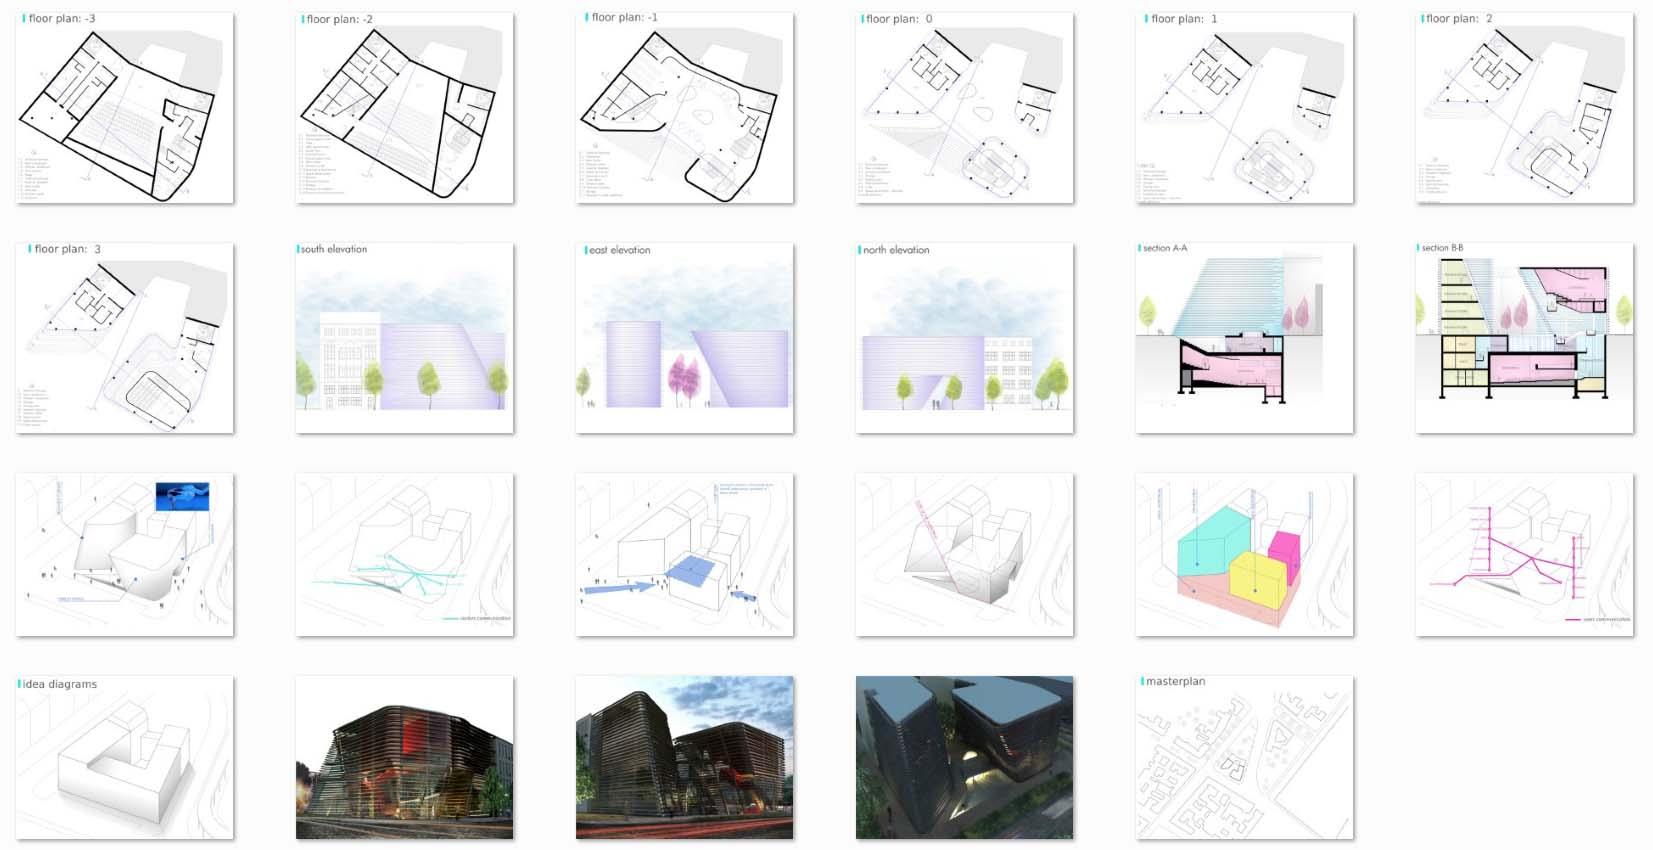 طرح معماری آکادمی آموزش هنرهای موزون